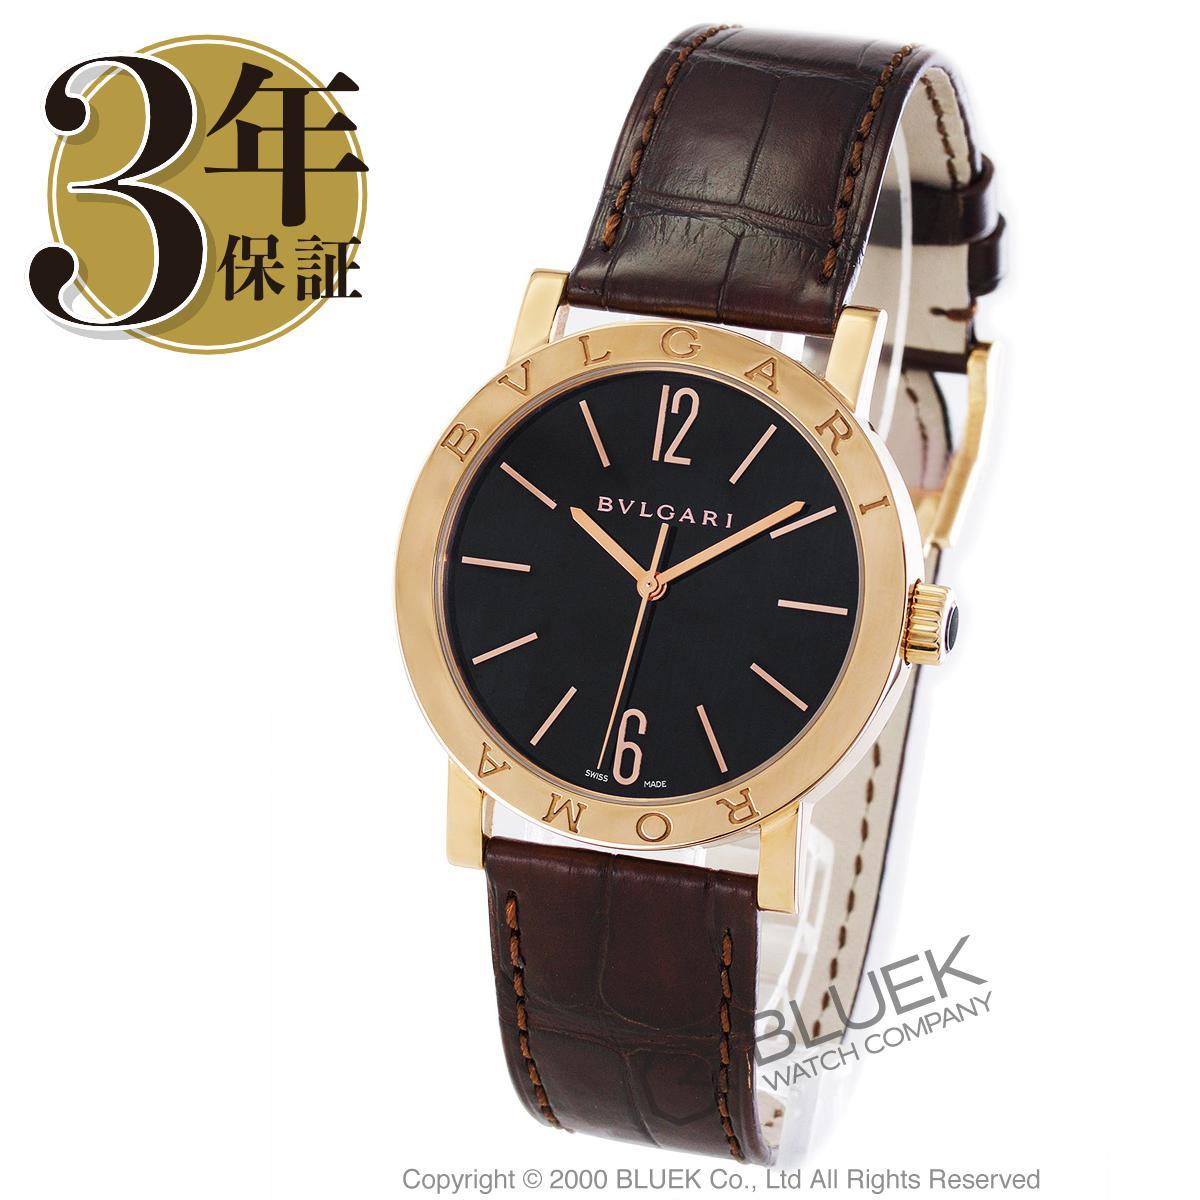 ブルガリ BVLGARI 腕時計 ブルガリブルガリ ローマ 世界130本限定 PG金無垢 アリゲーターレザー メンズ BBP39BGL/ROMA_8